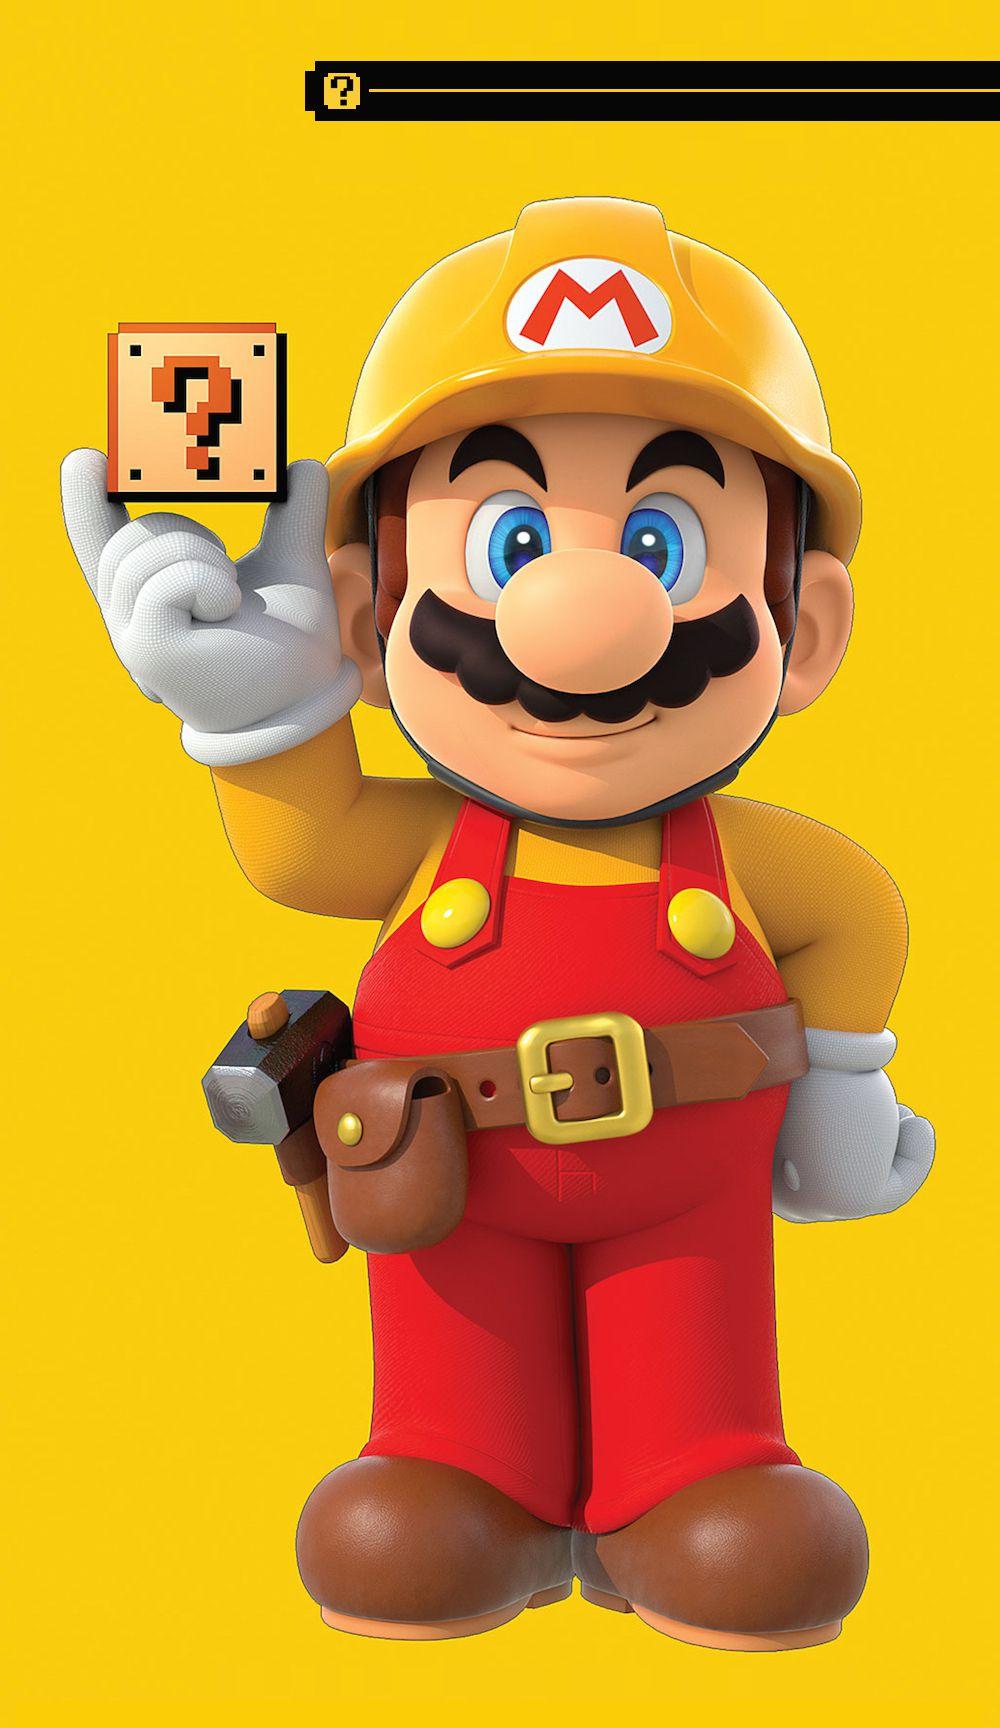 Mario Maker art